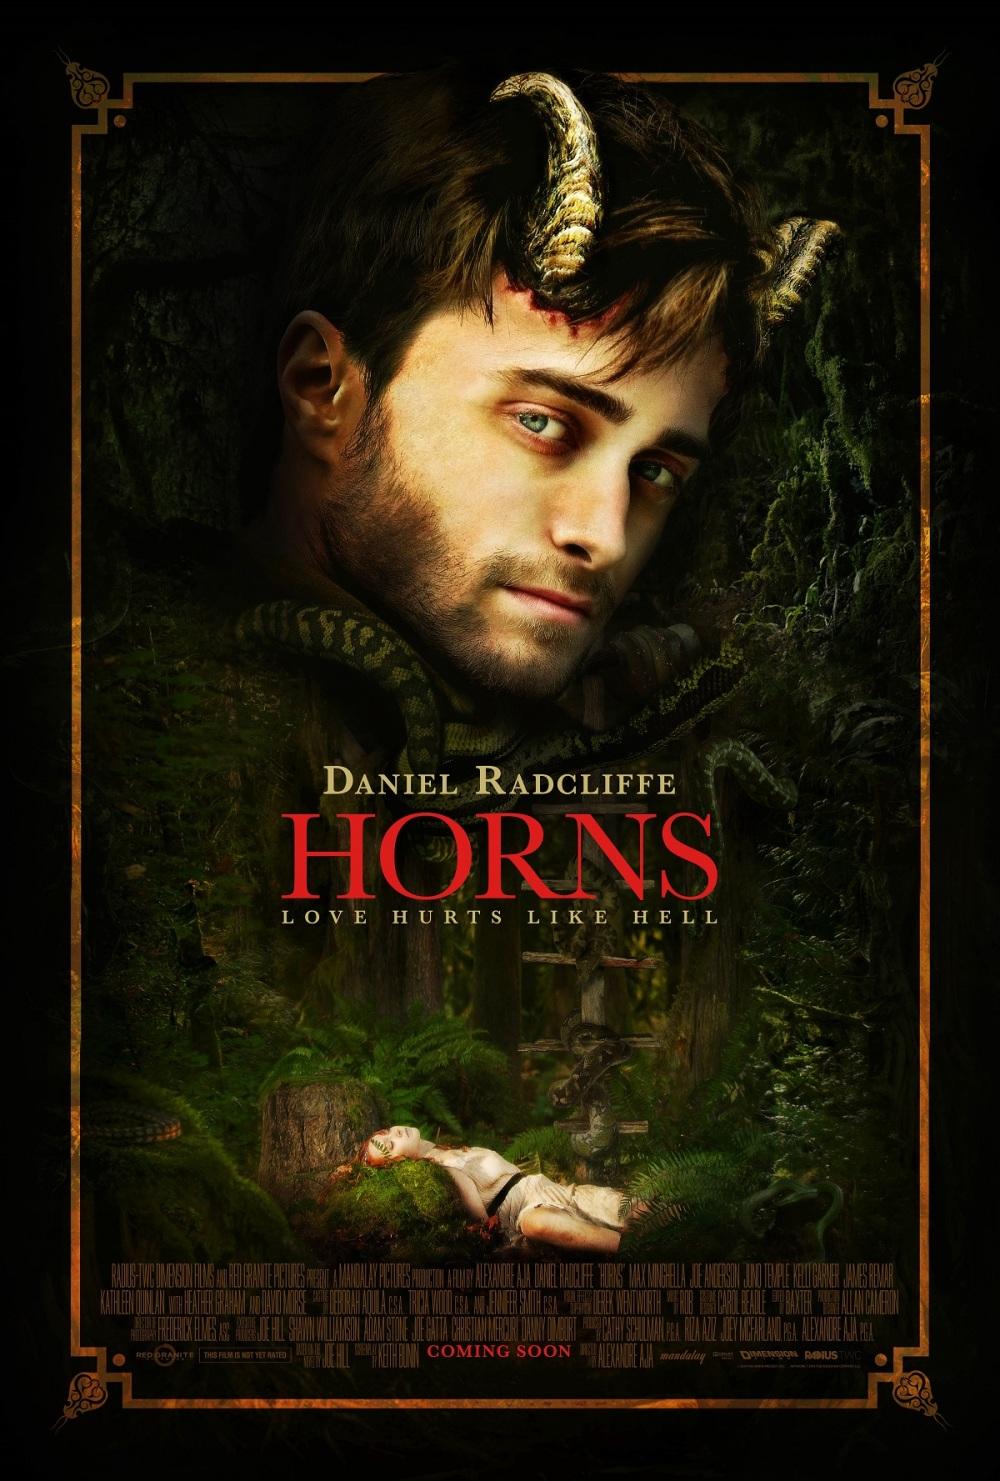 SDCC: Nieuwe poster van Daniel Radcliffe in 'Horns'